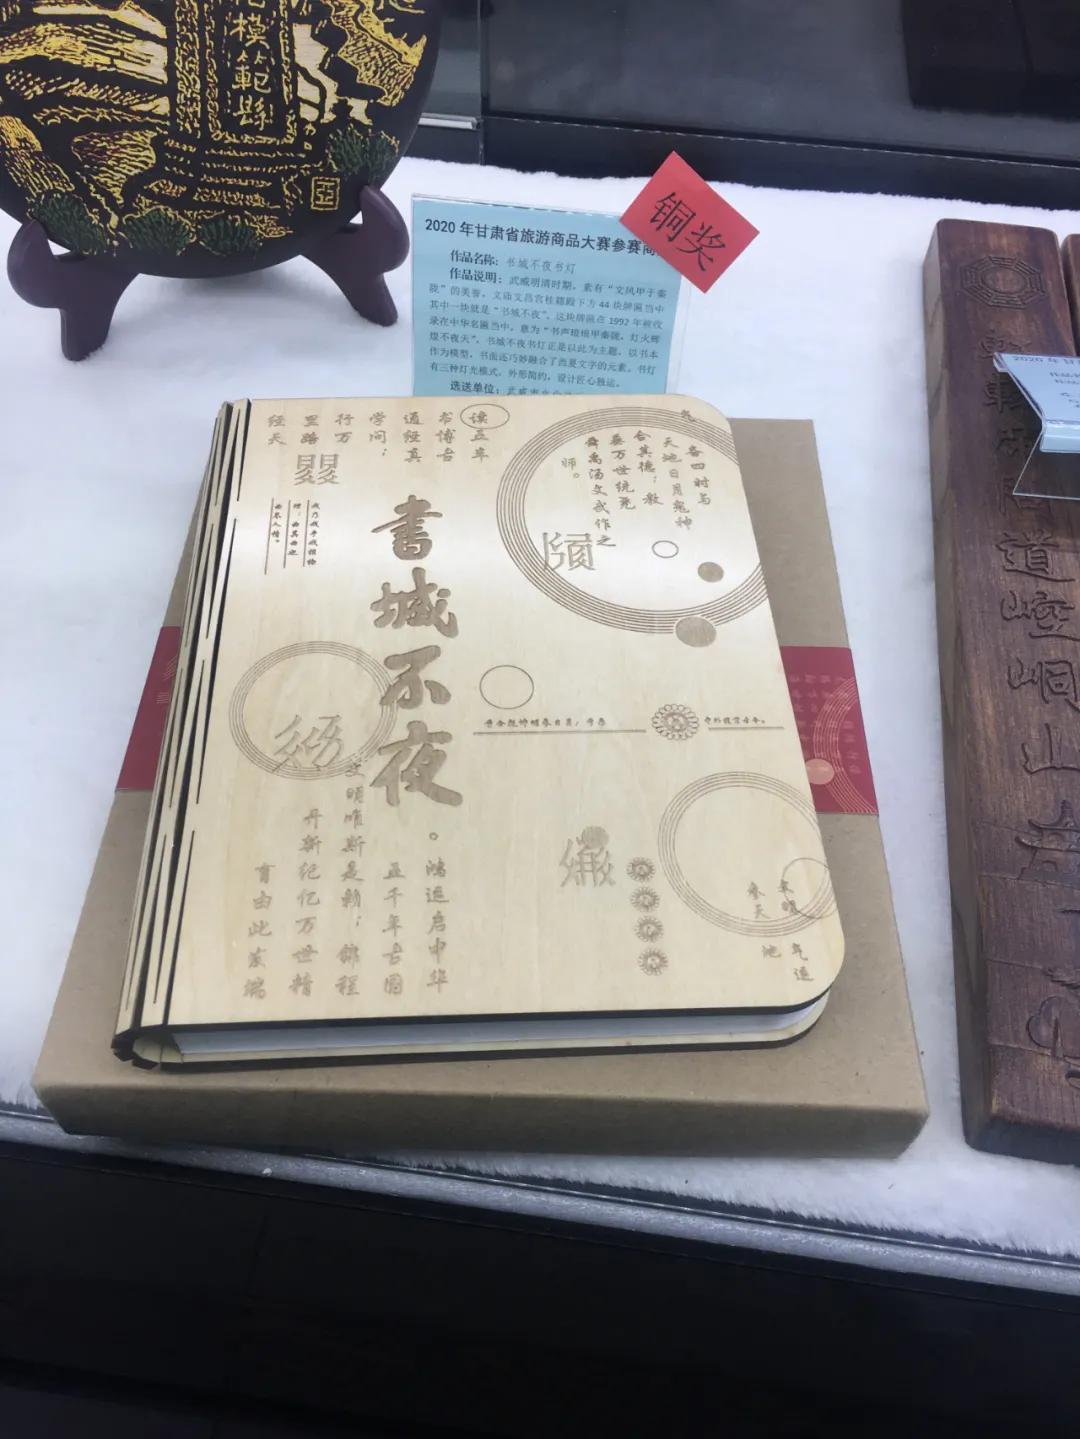 武威市文创产品荣获2020甘肃省文化旅游商品大赛铜奖